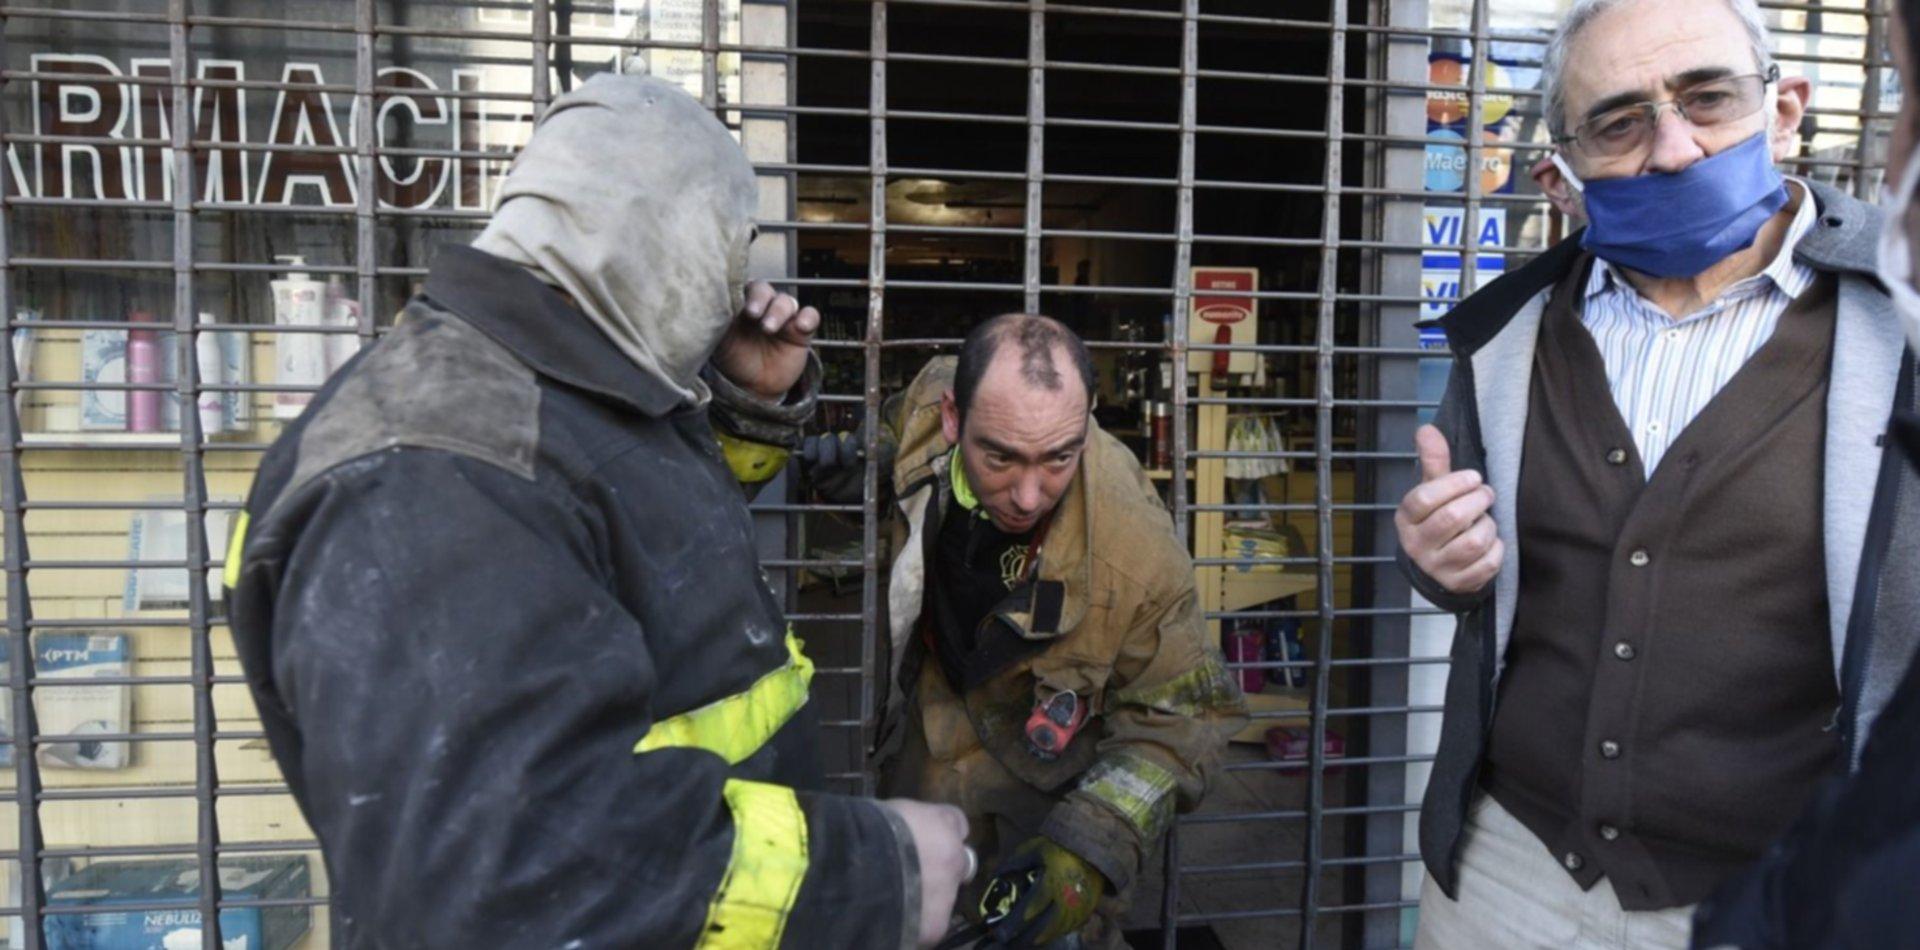 VIDEO: Incendio y tensión en una farmacia en pleno centro de La Plata